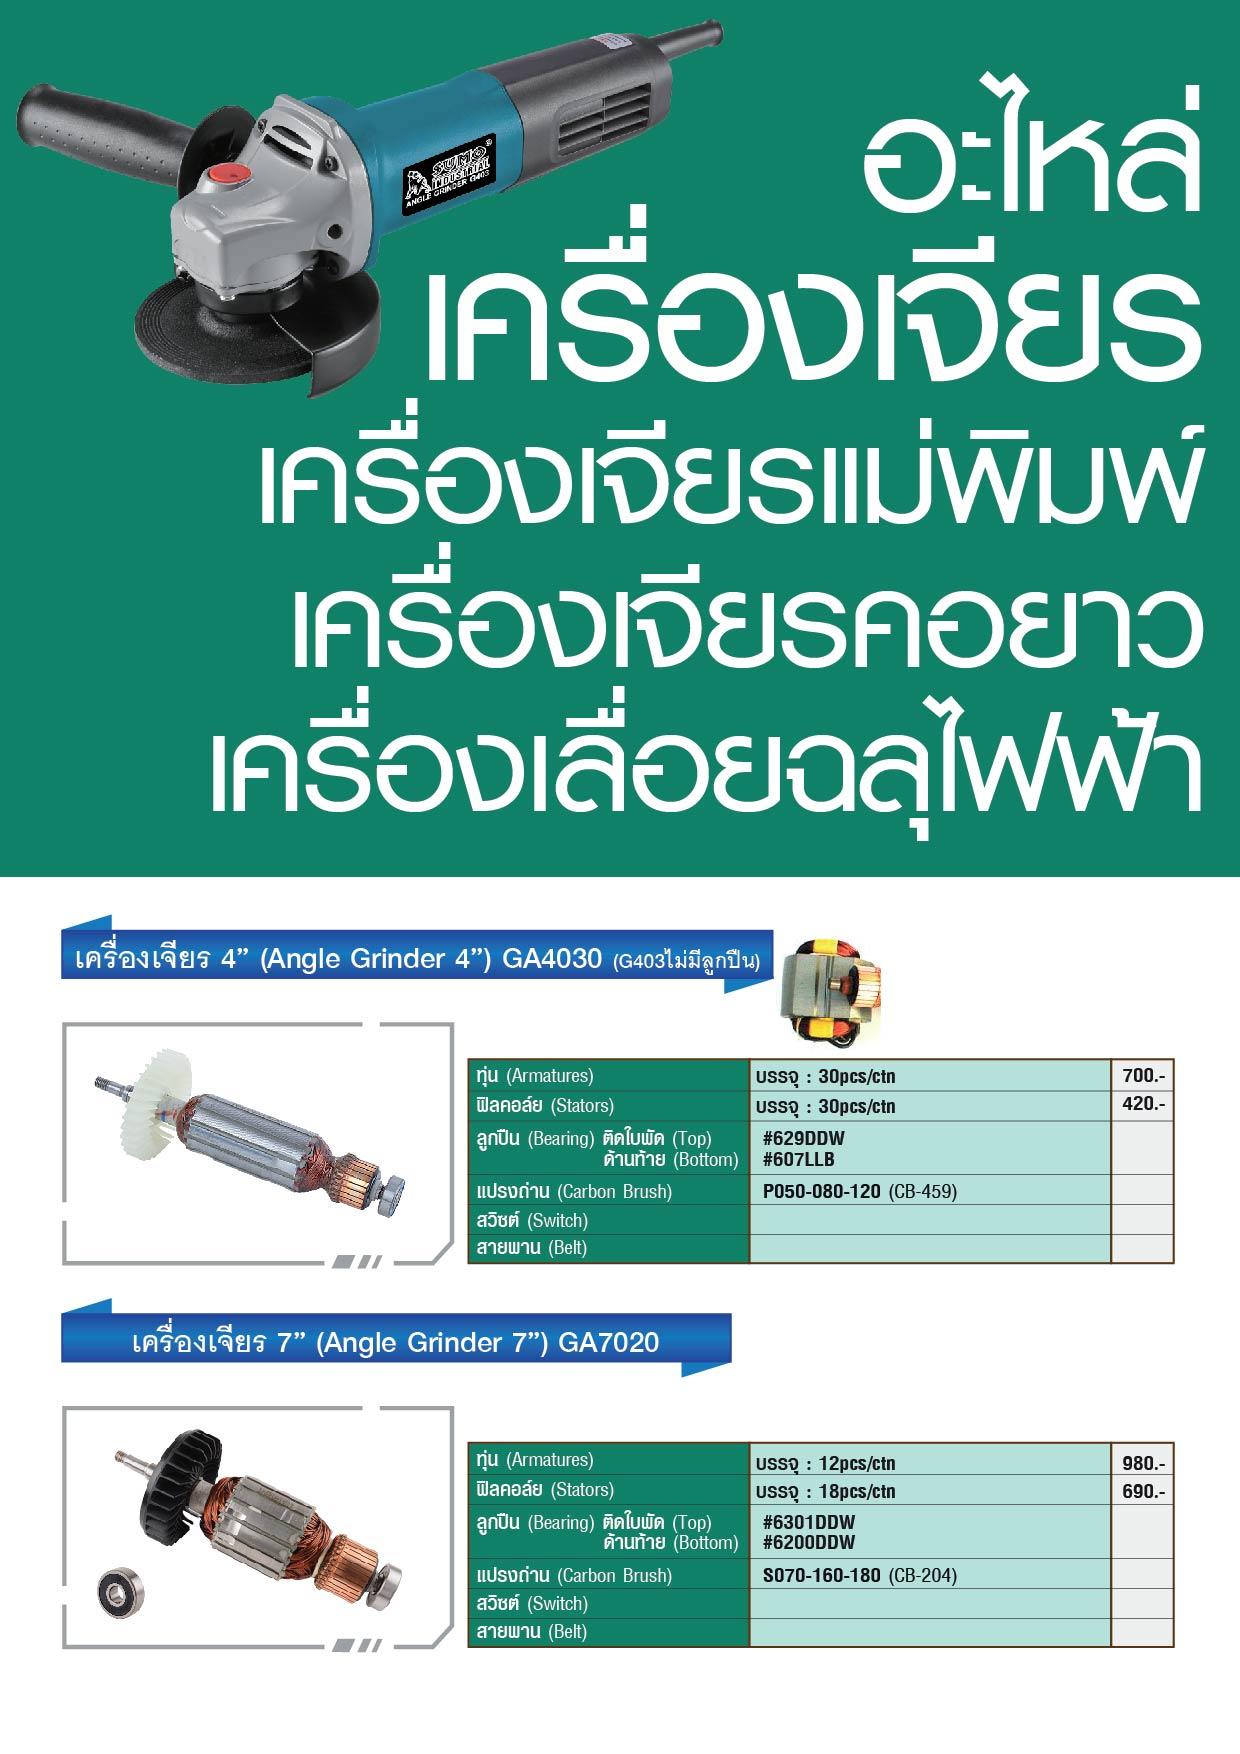 (151/305) ทุ่น ฟิลคอล์ย เครื่องเจียร เครื่องเจียรแม่พิมพ์ เครื่องเจียรคอยาว เครื่องเลื่อย